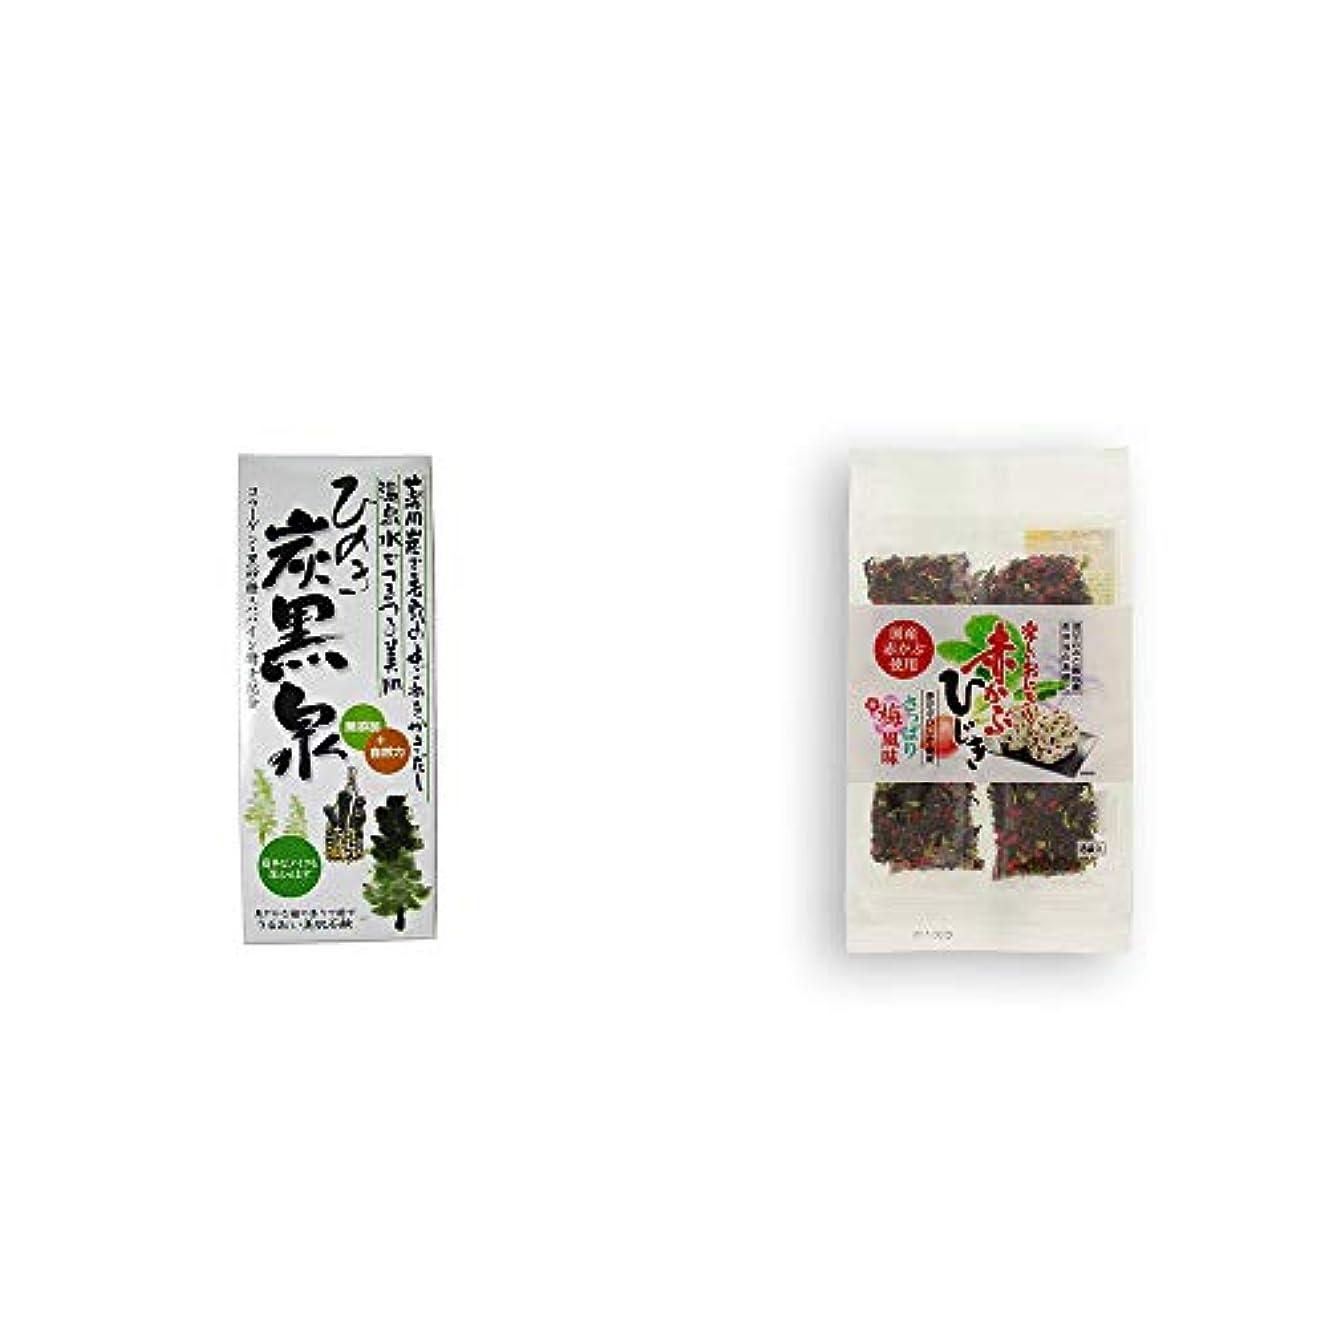 中間領域前投薬[2点セット] ひのき炭黒泉 箱入り(75g×3)?楽しいおにぎり 赤かぶひじき(8g×8袋)